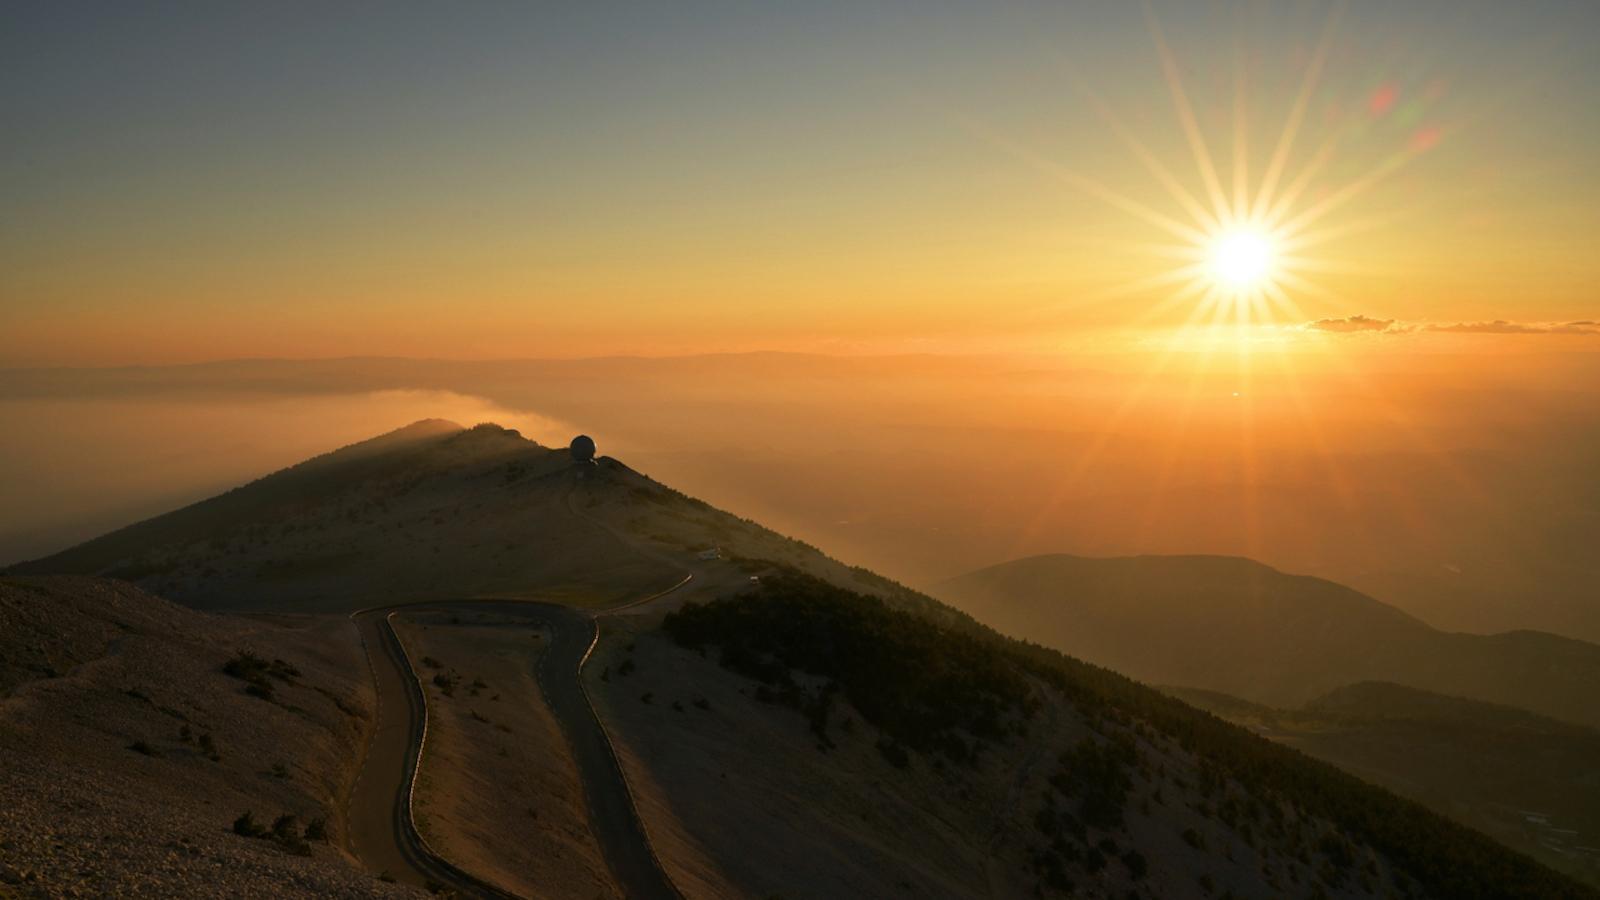 Sonnenuntergang am Mont Ventoux, Foto:?